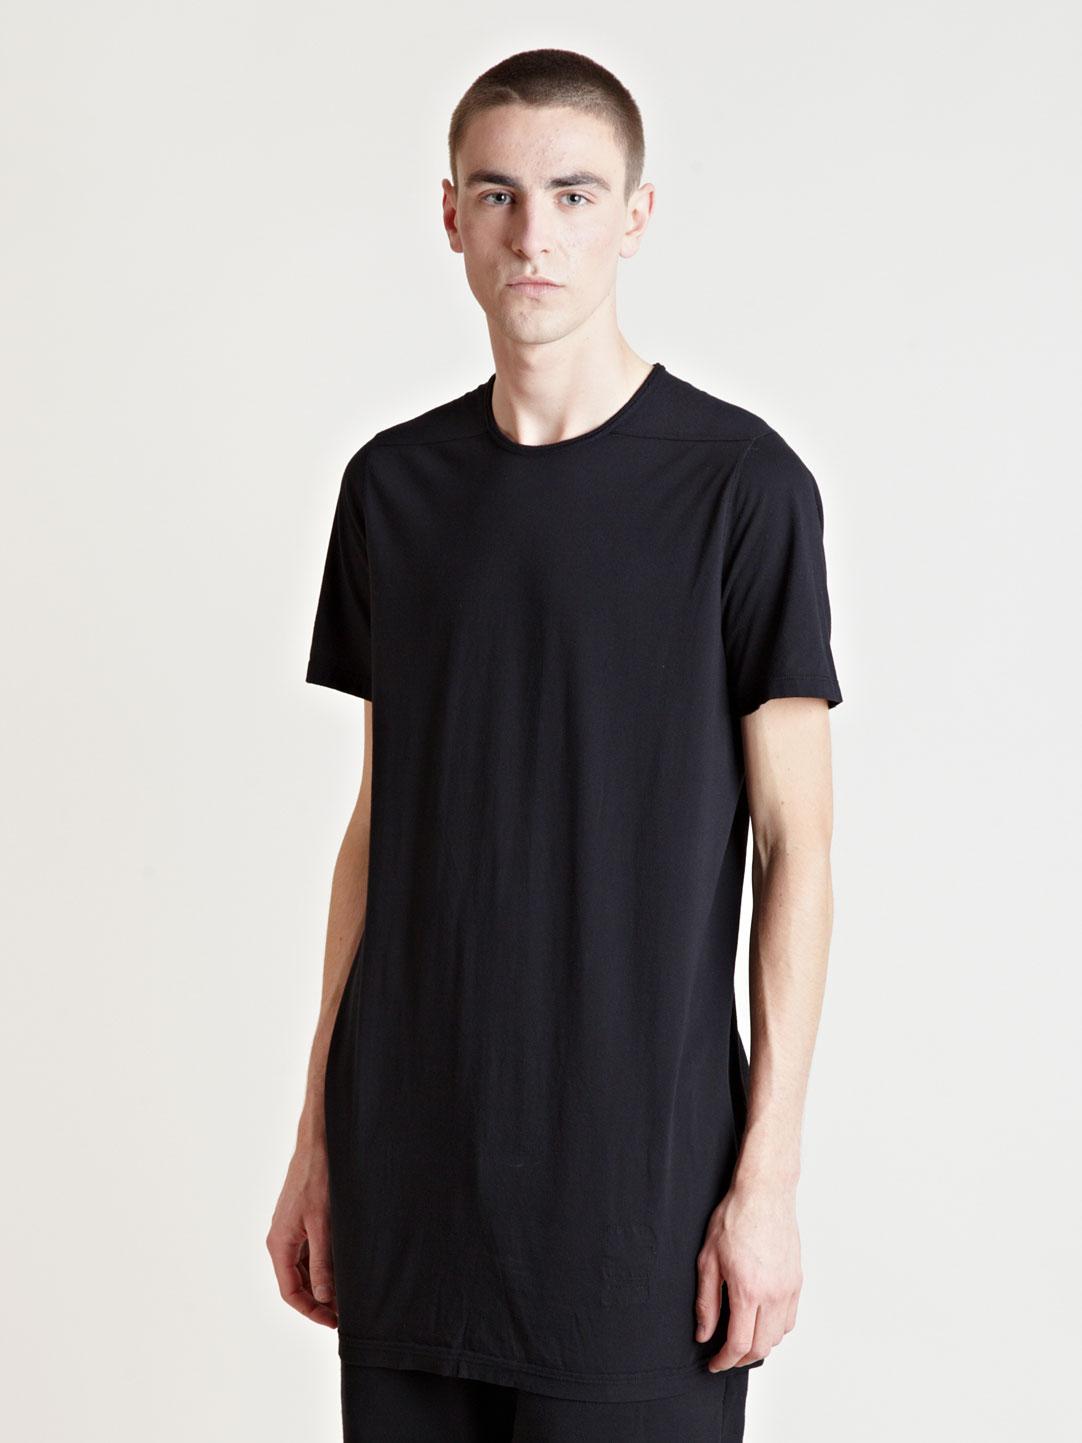 drkshdw by rick owens mens tshirt in black for men lyst